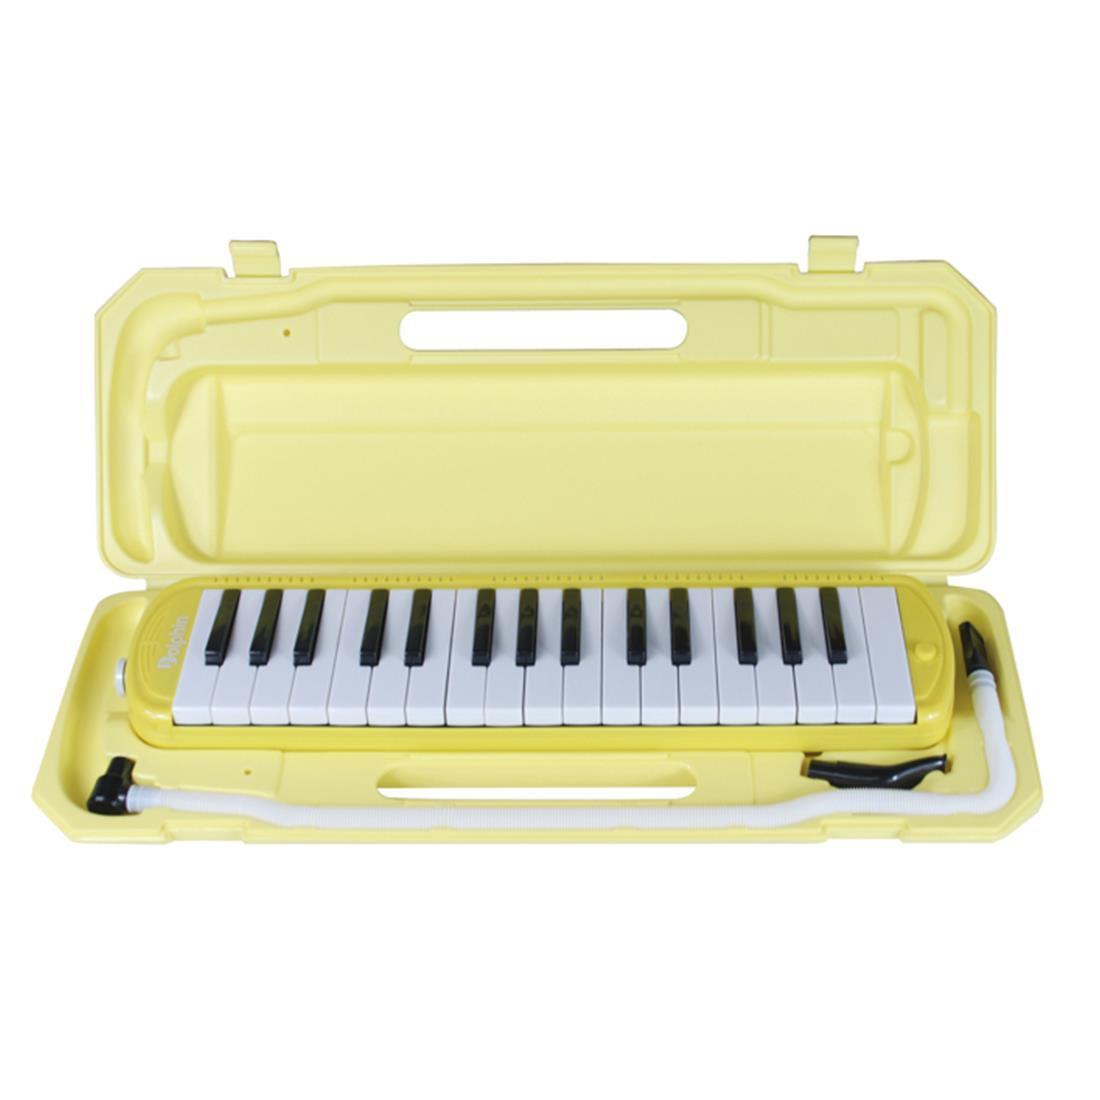 Escaleta Dolphin 32 Teclas Amarela  - Luggi Instrumentos Musicais